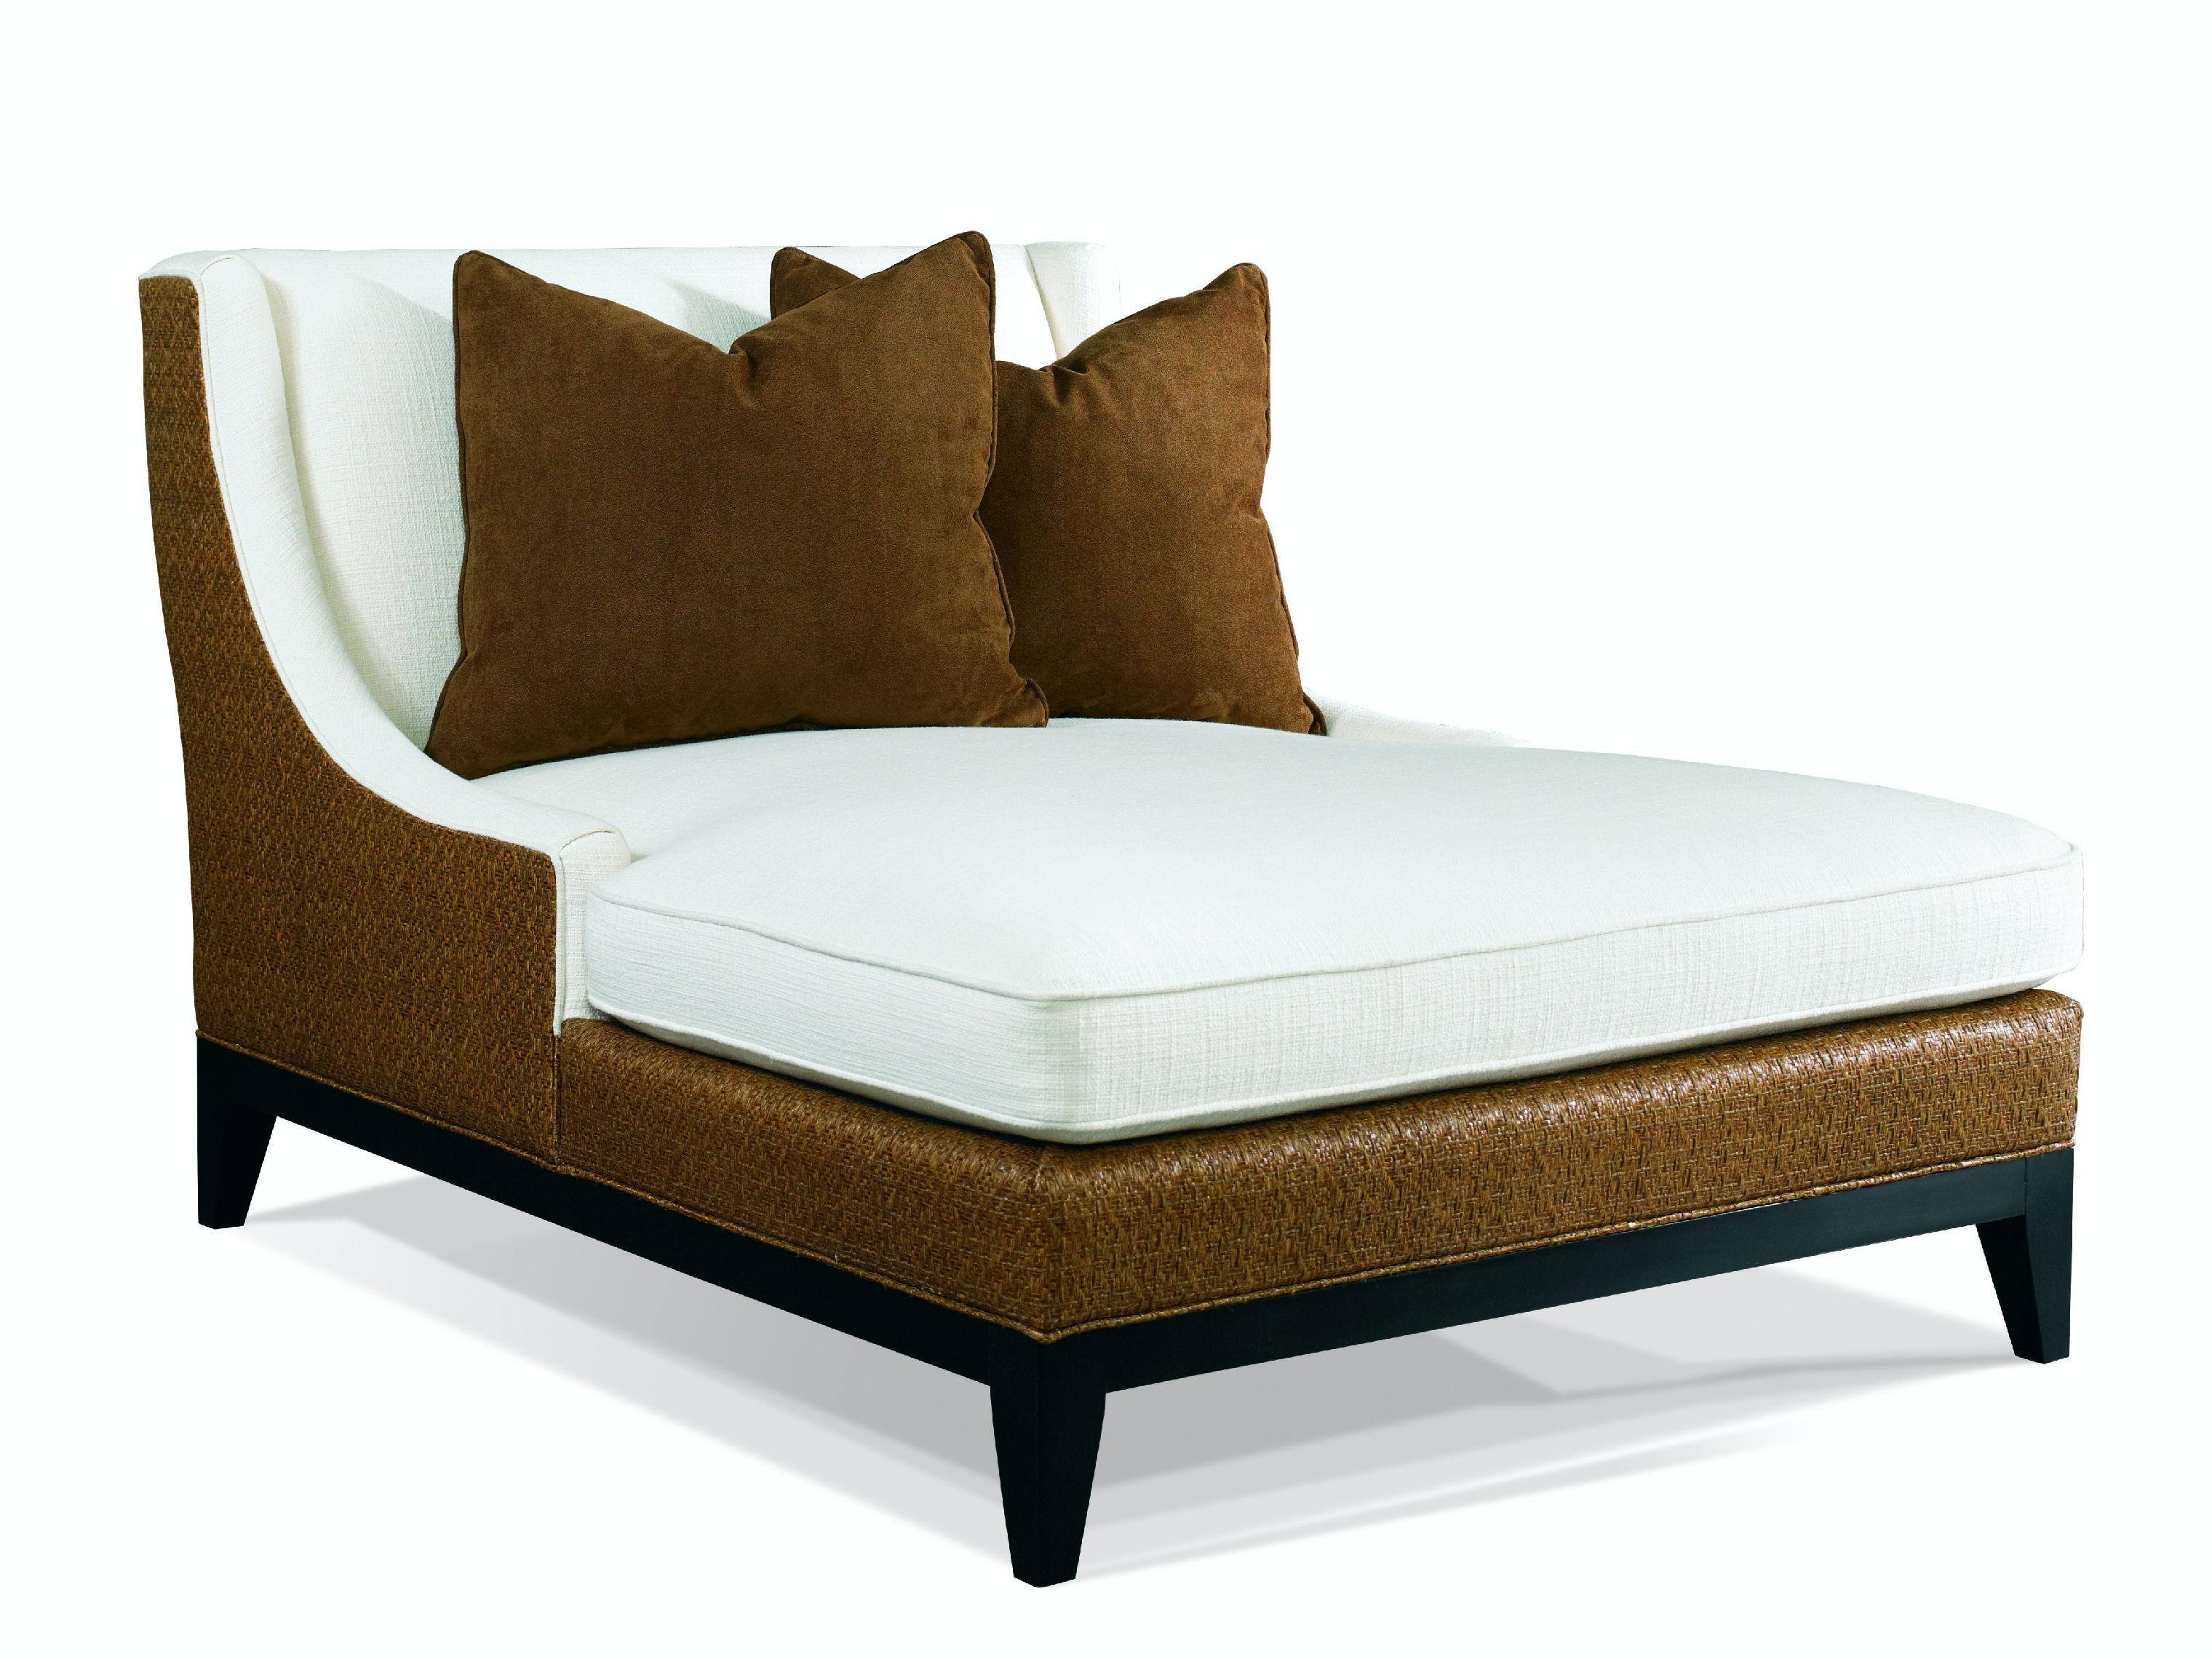 Hickory White Living Room Chaise 4239-02 - Noel Furniture - Houston, TX